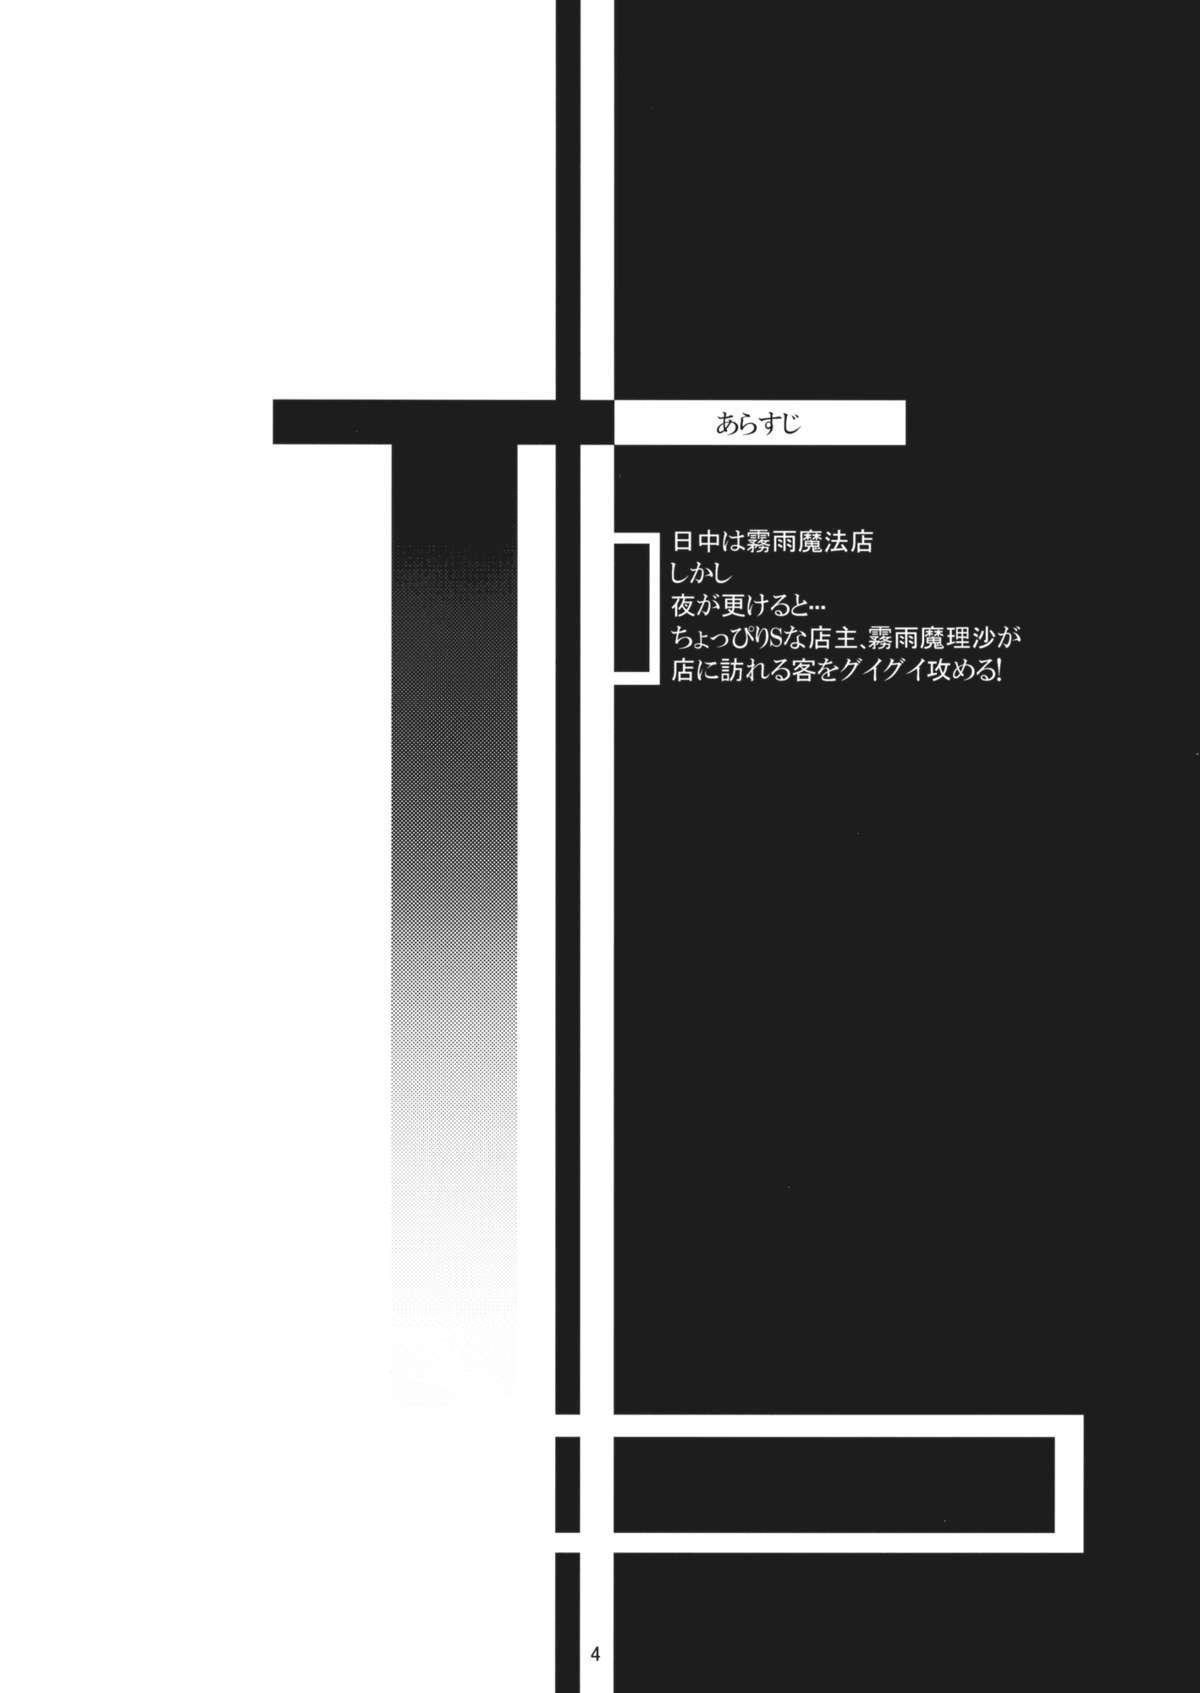 Shinya wa Kirisame Fuuzoku Ten 2